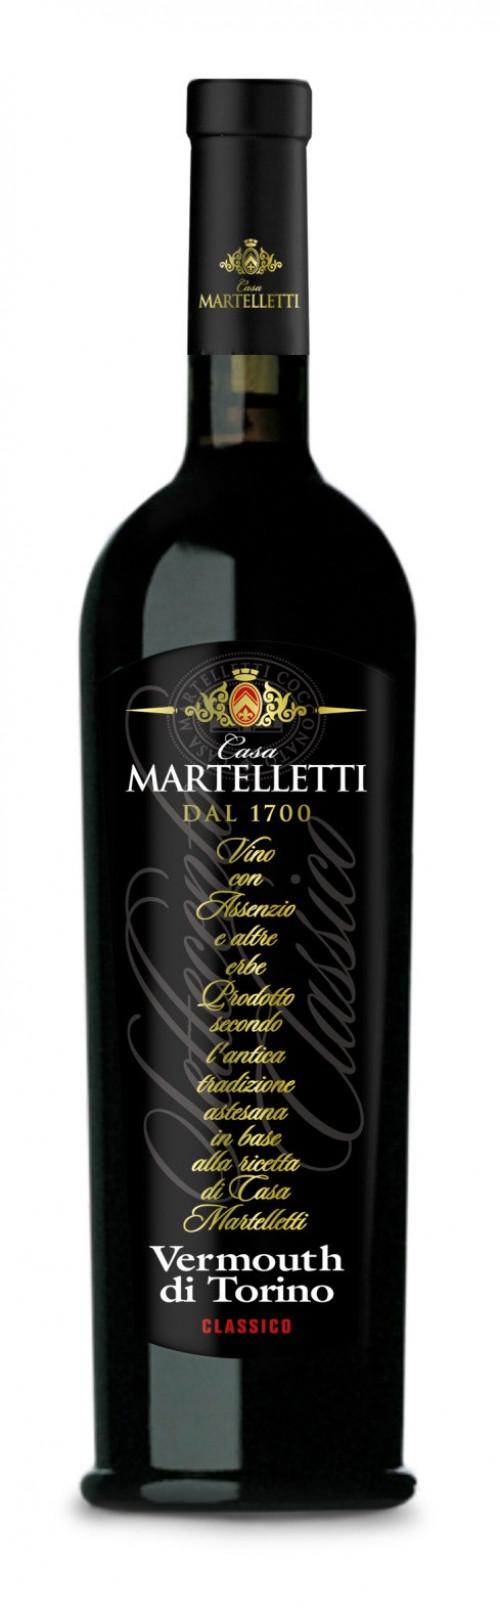 Casa Martelletti Classico Vermouth 750ml